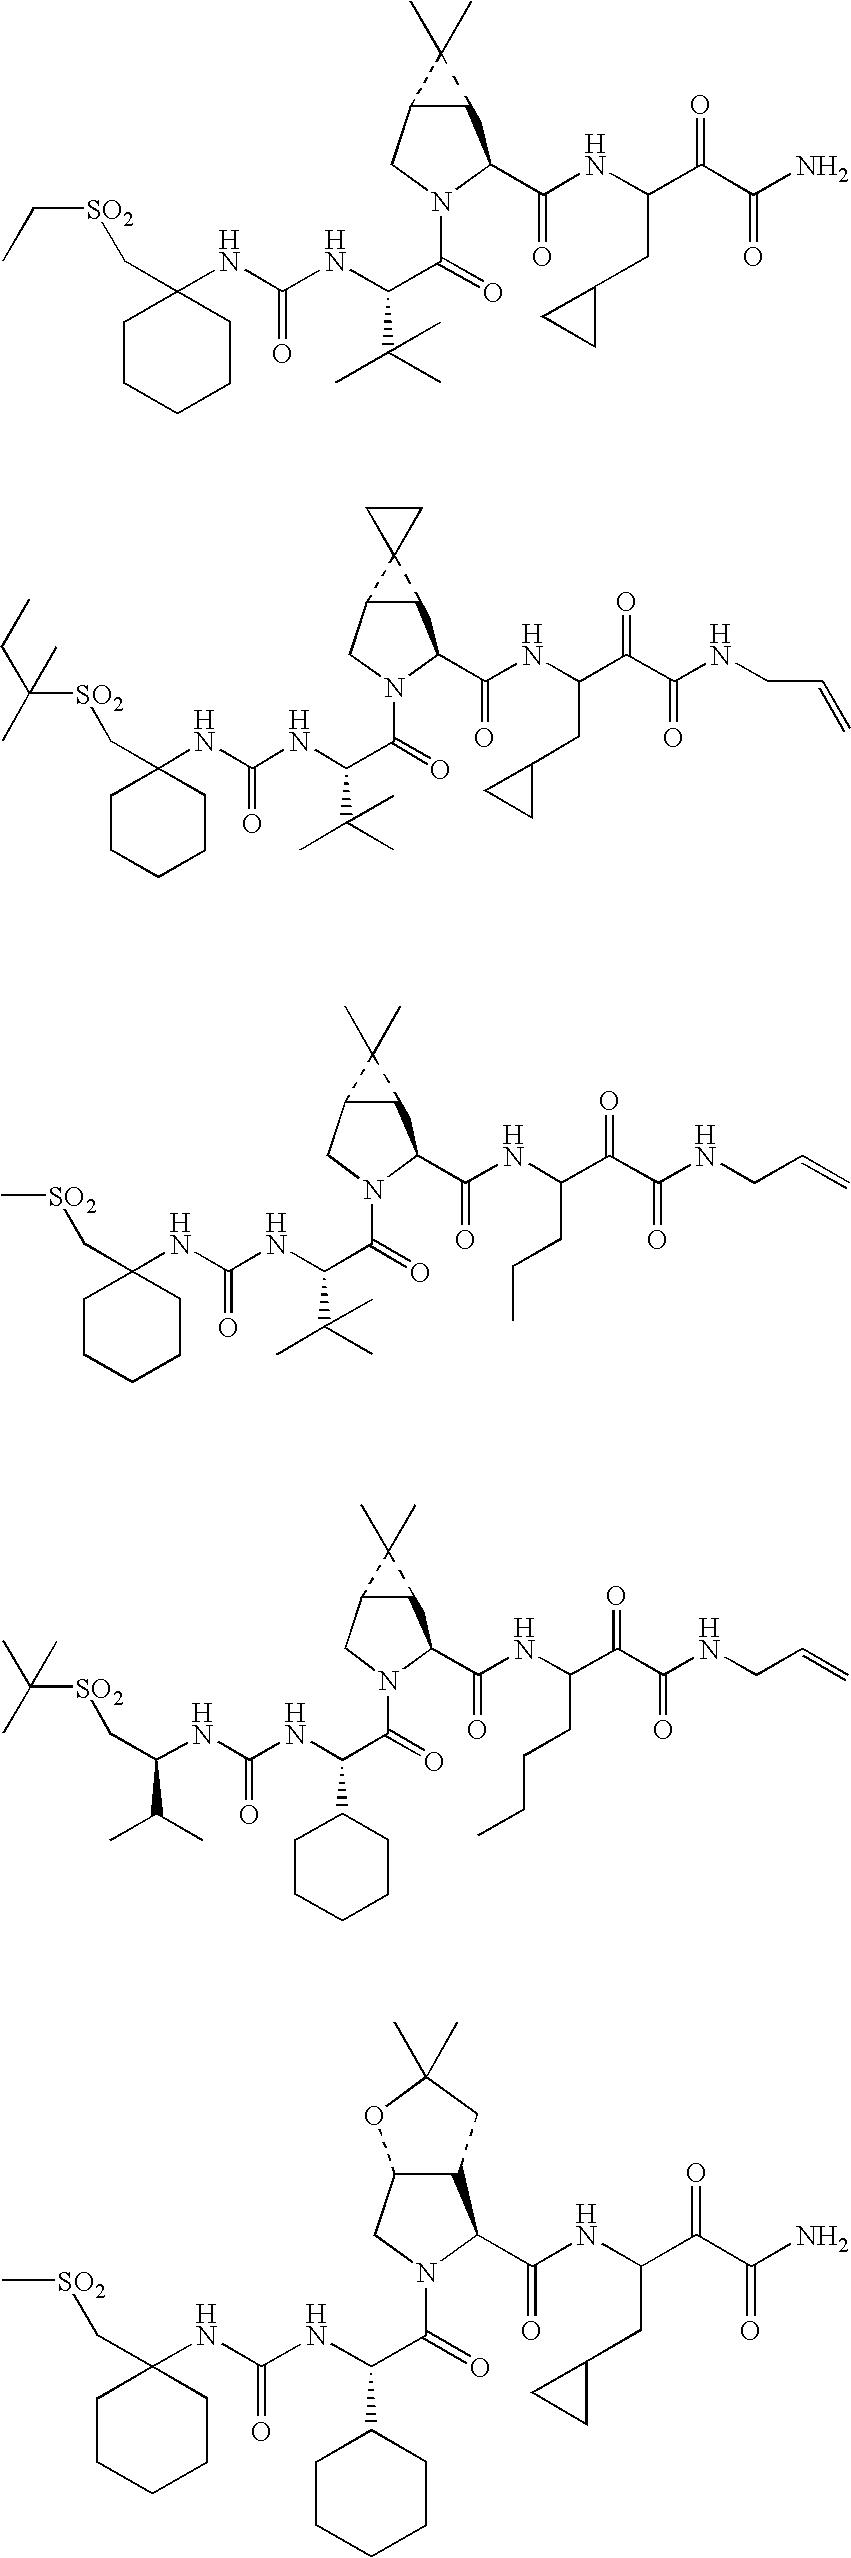 Figure US20060287248A1-20061221-C00469